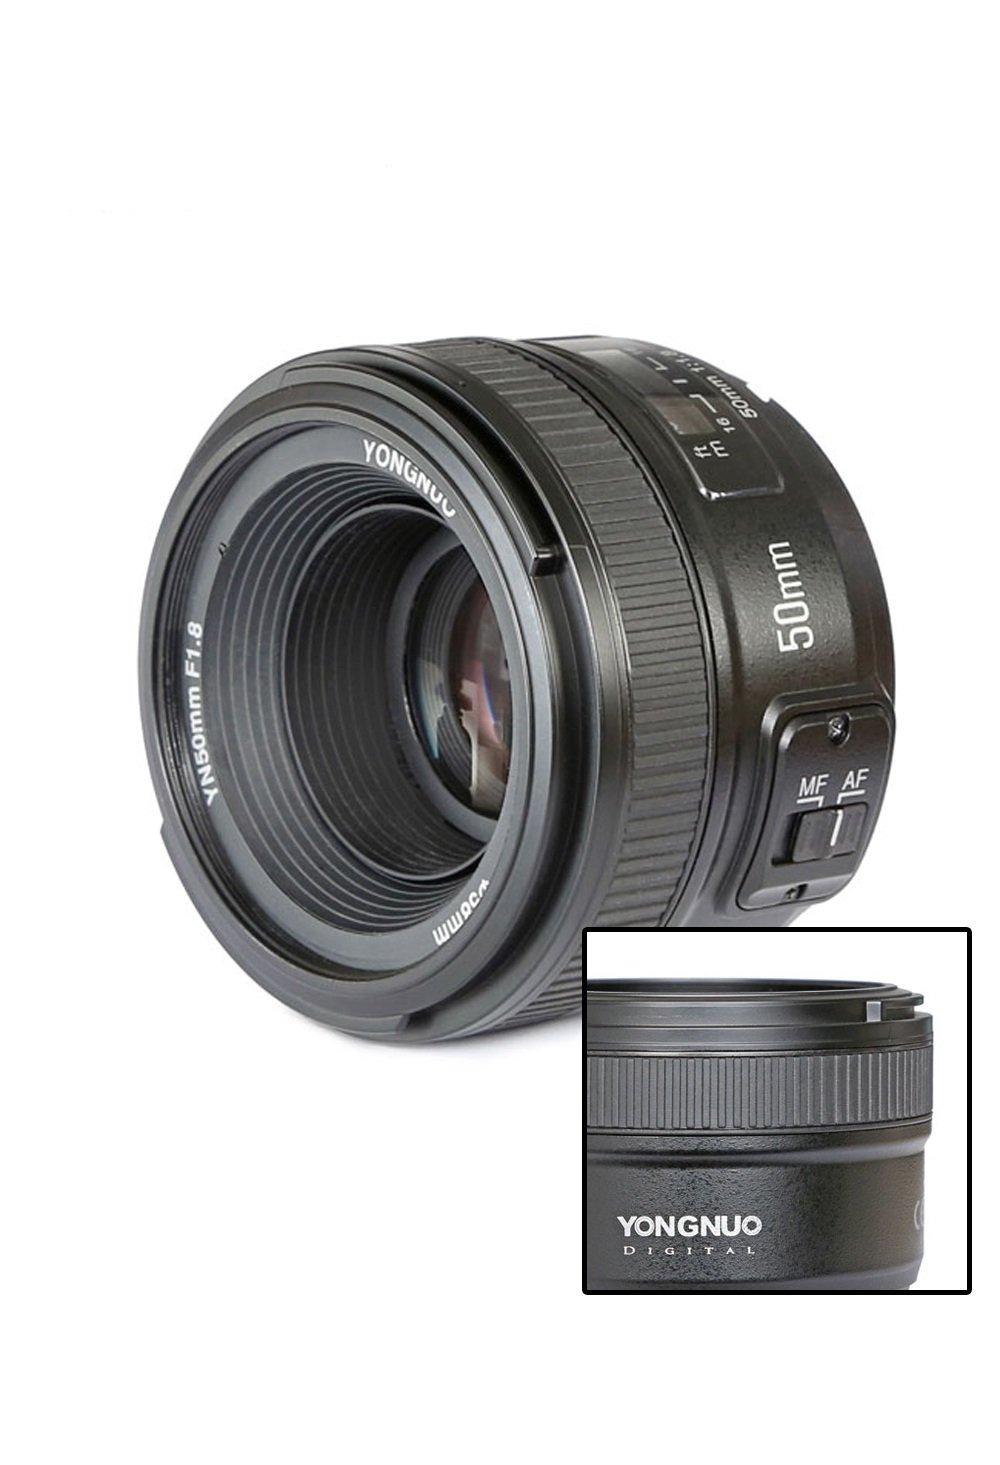 Yongnuo YN50MM F1,8 Lente Objetivo (Apertura F/1,8) Para Nikon DSLR ...